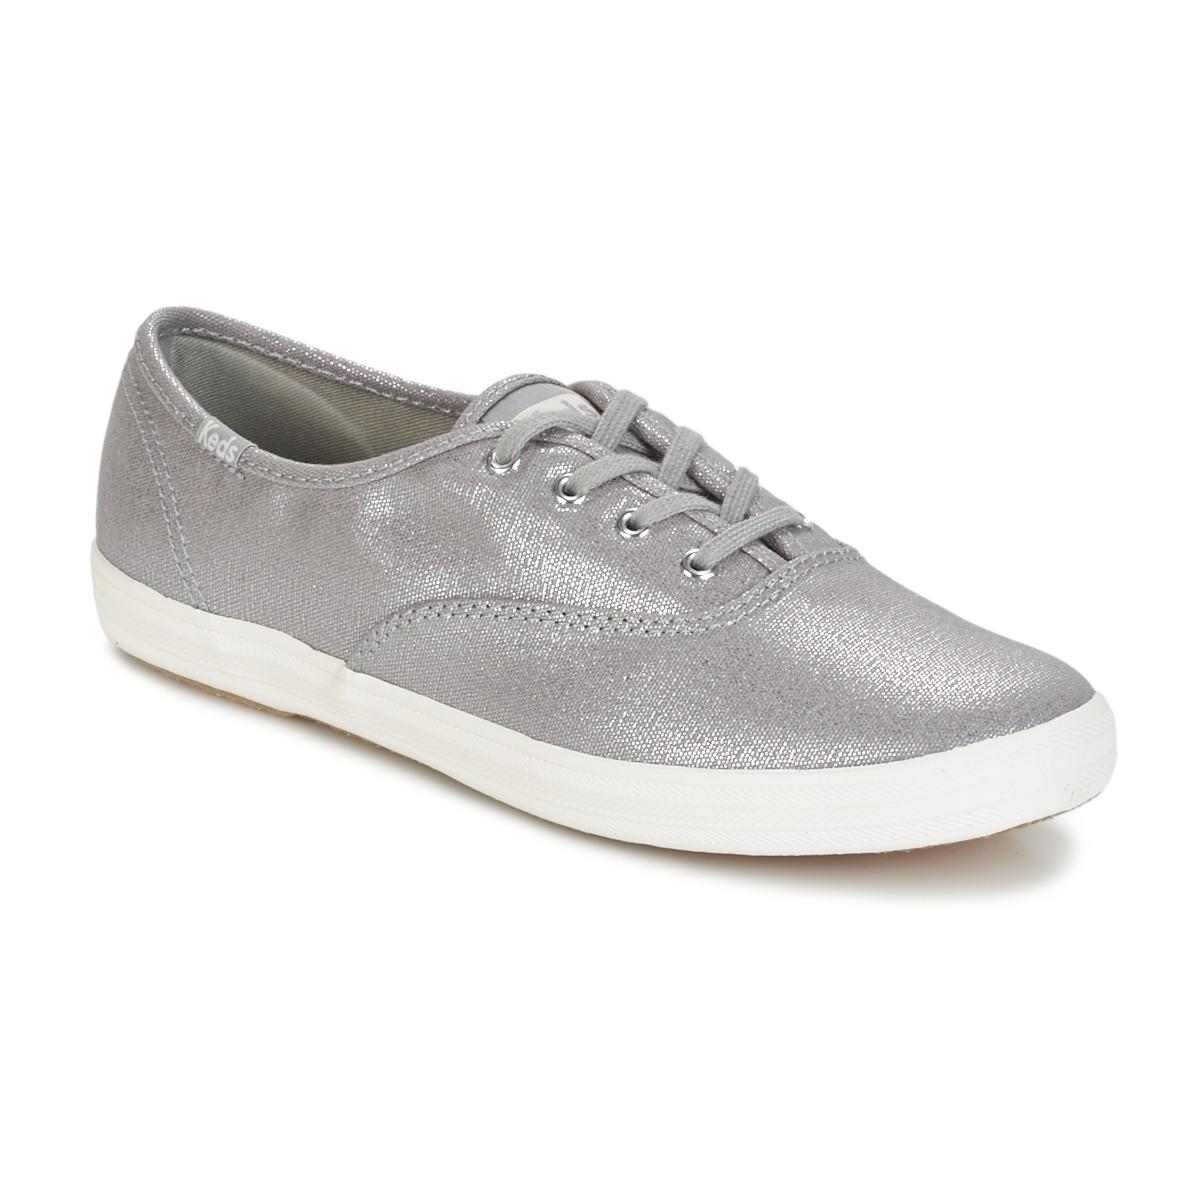 Keds CH METALLIC CANVAS Silber - Kostenloser Versand bei Spartoode ! - Schuhe Sneaker Low Damen 45,49 €